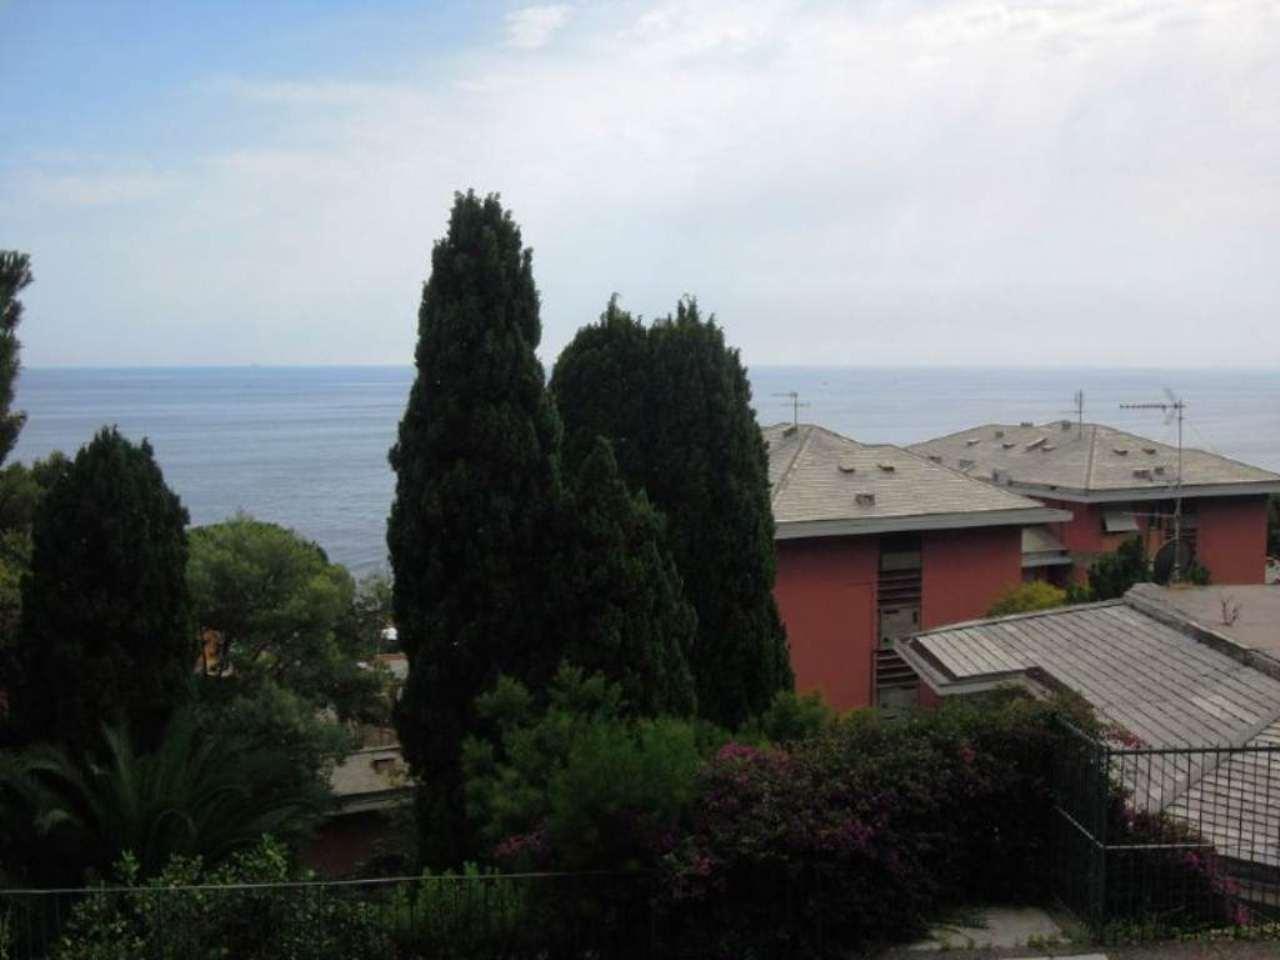 Attico / Mansarda in vendita a Arenzano, 4 locali, prezzo € 840.000 | Cambio Casa.it